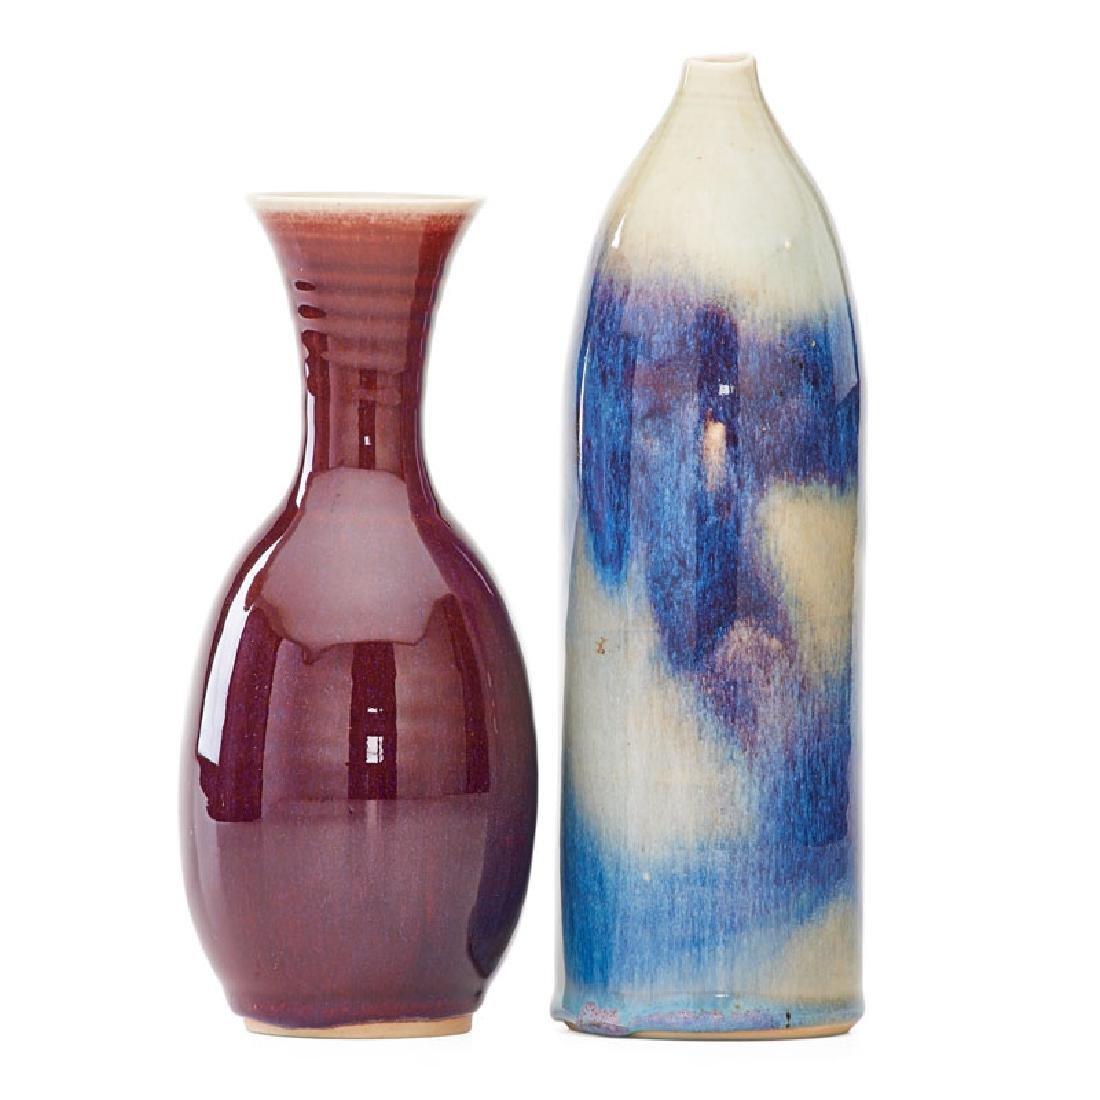 BROTHER THOMAS BEZANSON Two vases - 2